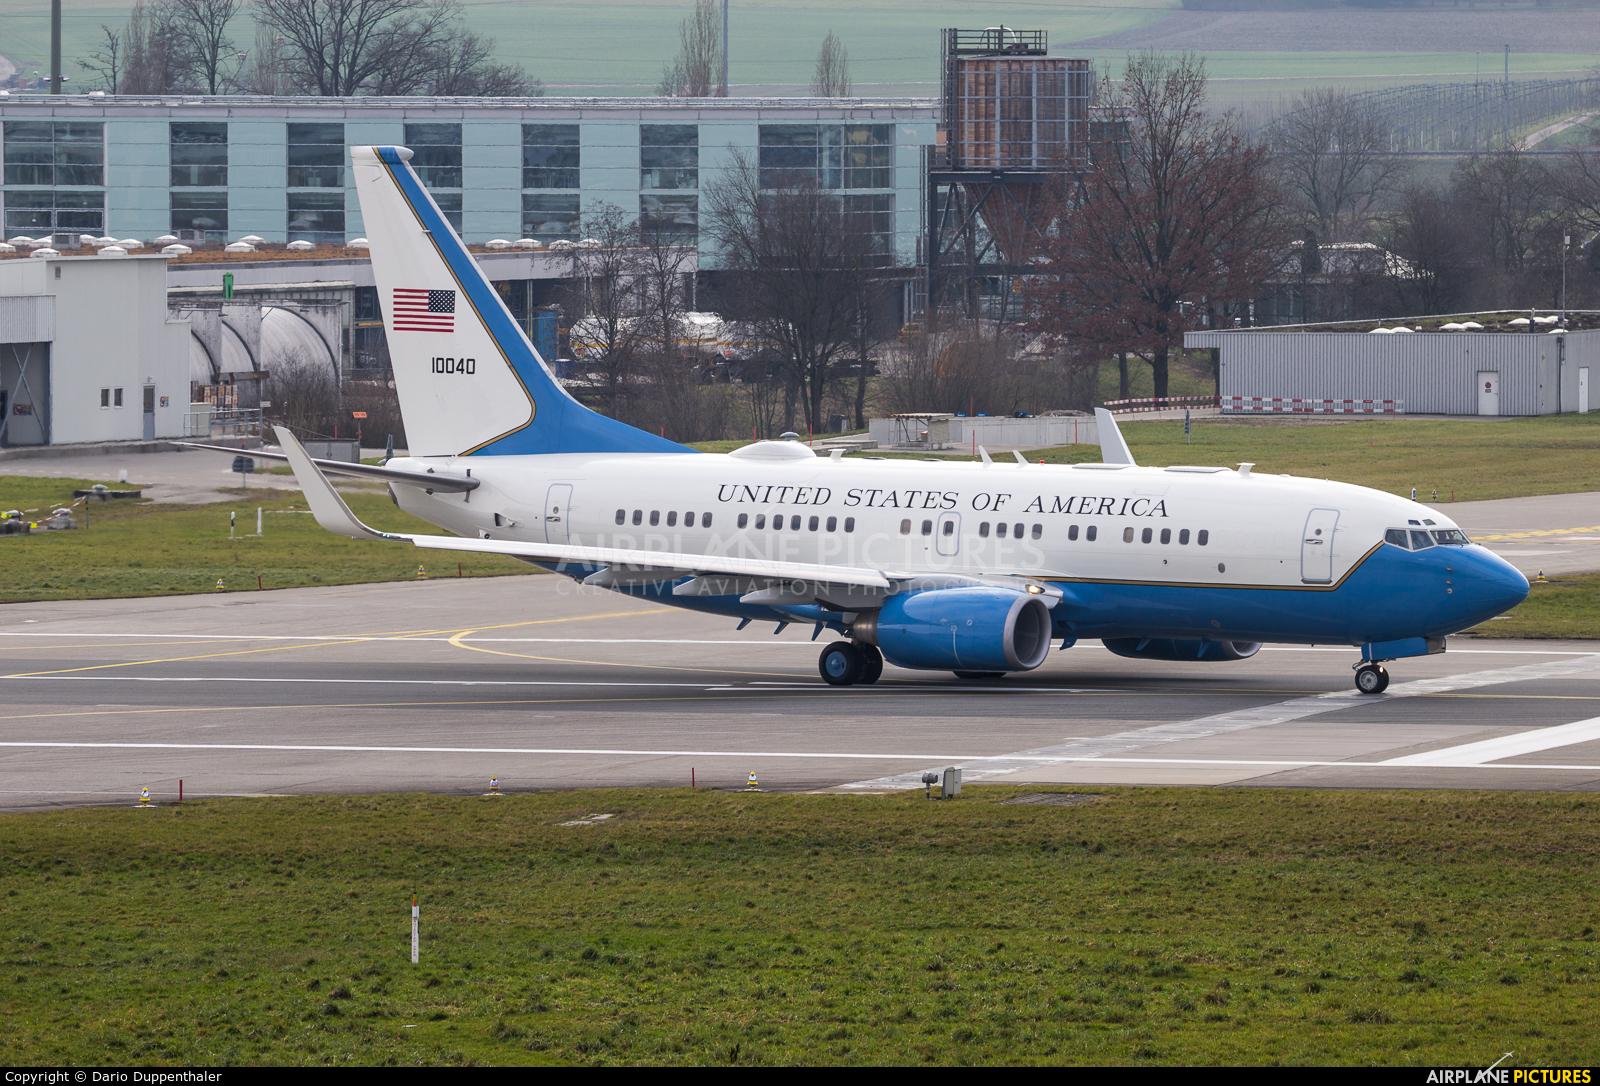 USA - Air Force 01-0040 aircraft at Zurich